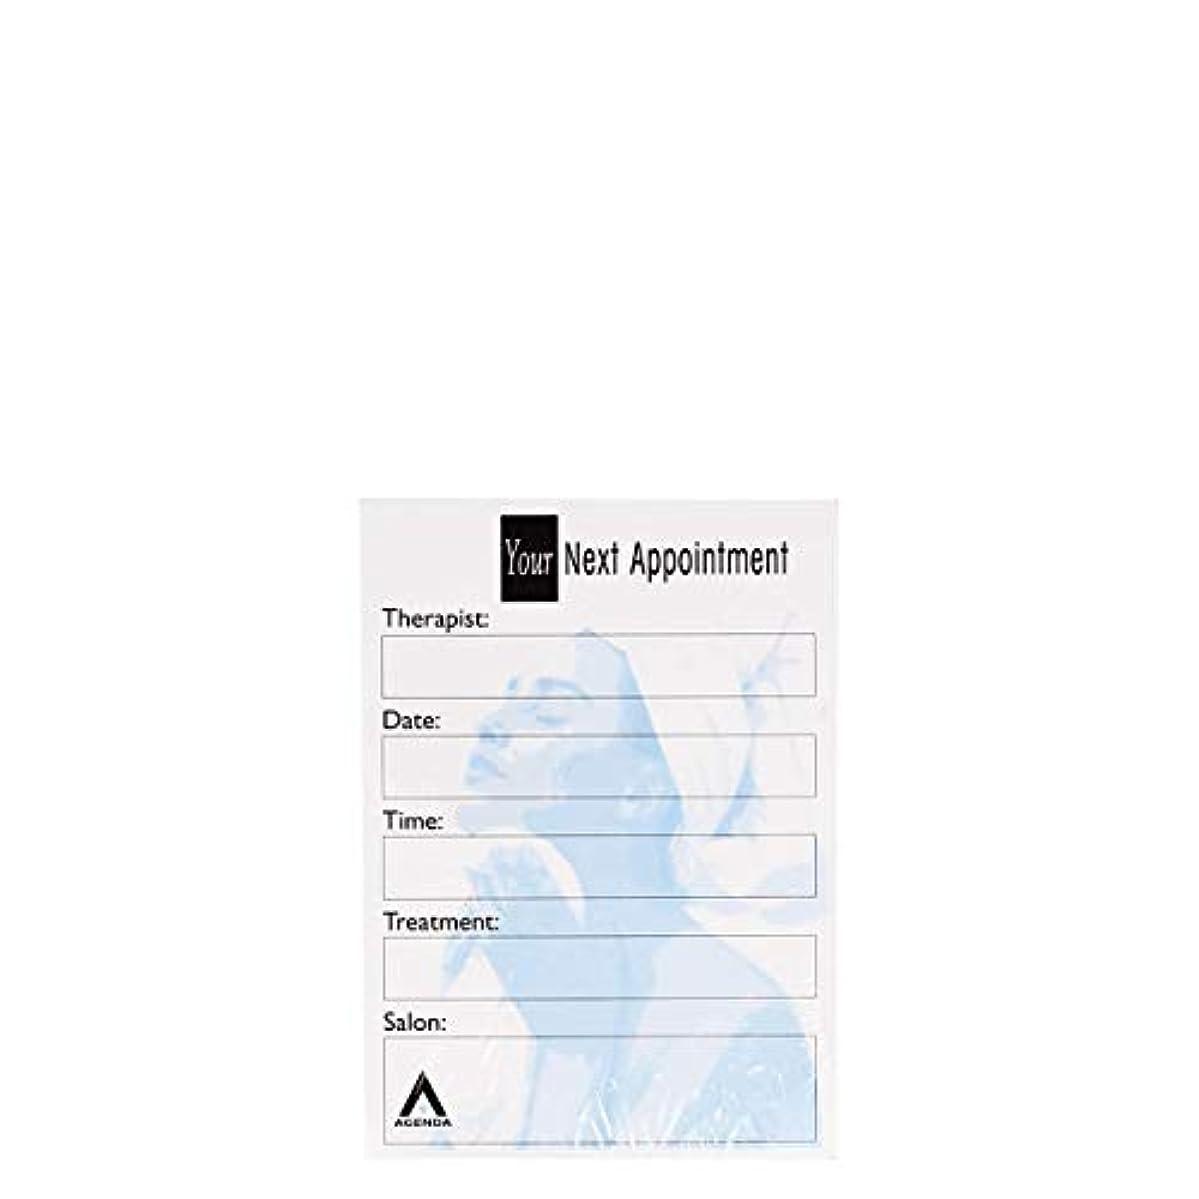 エトナ山変位差アジェンダ サロンコンセプト ネイルアポイントメントカードAP7B x100[海外直送品] [並行輸入品]